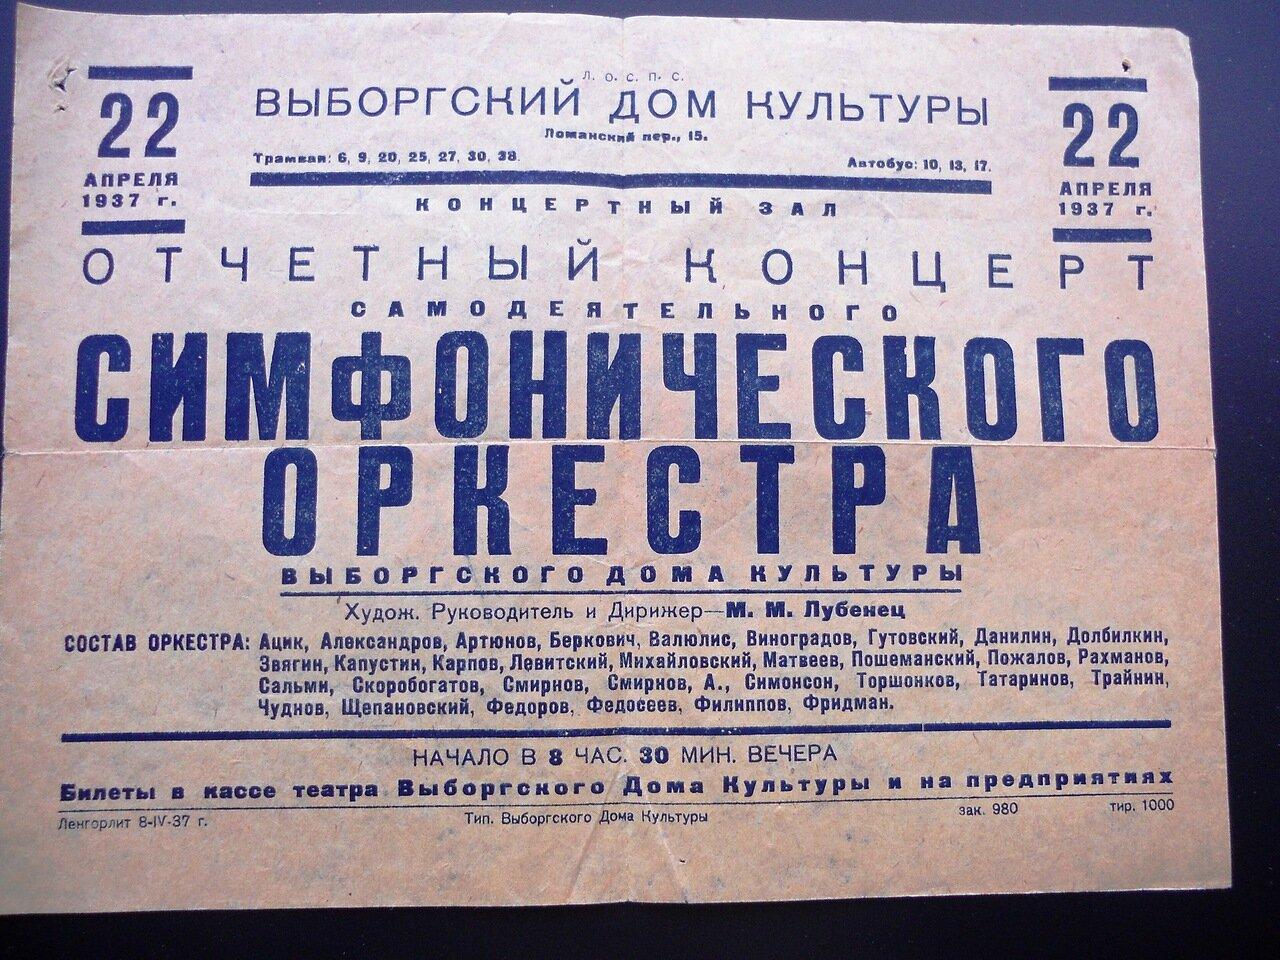 Выборгский дом культуры, 1937 г.